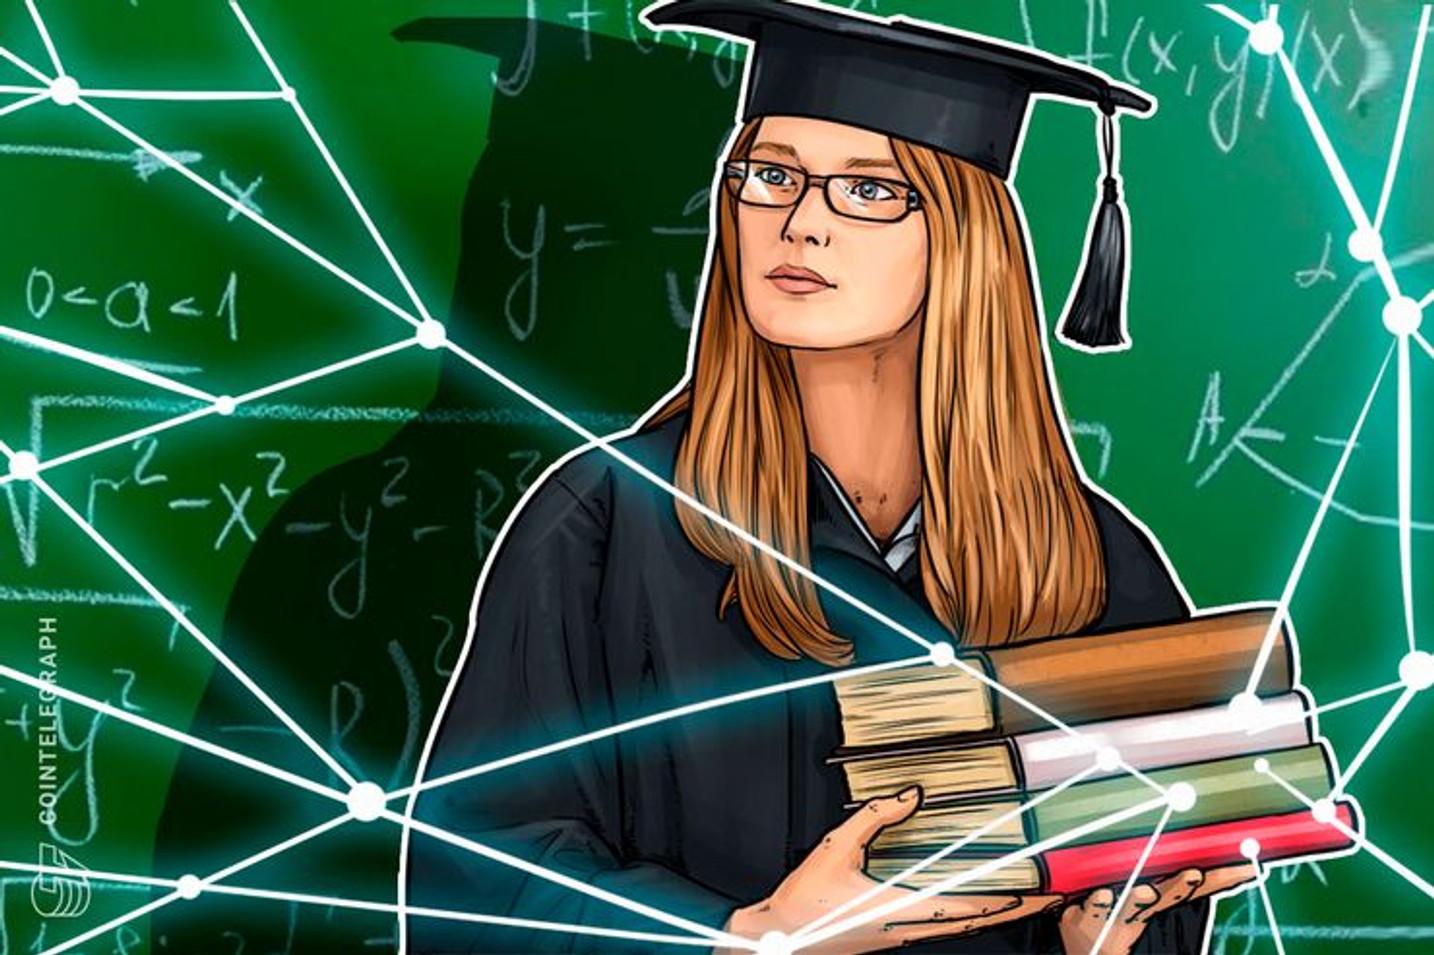 Argentina: El Instituto Tecnológico de Buenos Aires utiliza blockchain para la entrega de diplomas digitales